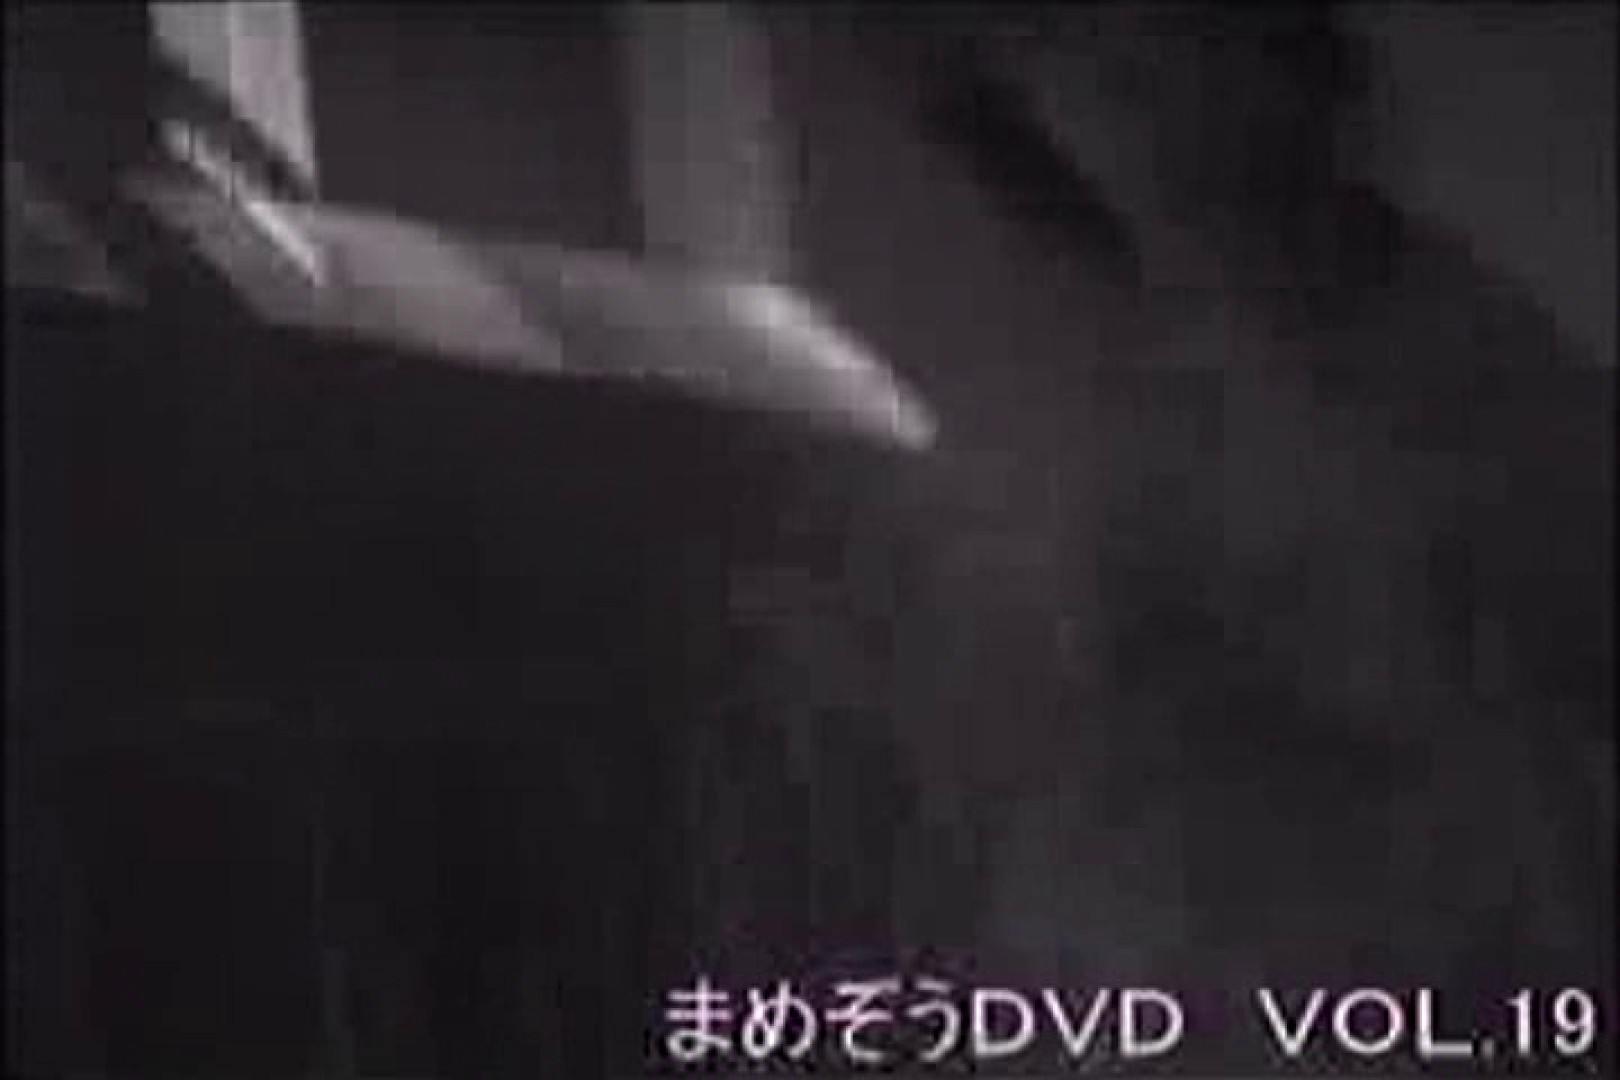 まめぞうDVD完全版VOL.19 ギャル攻め  59画像 2